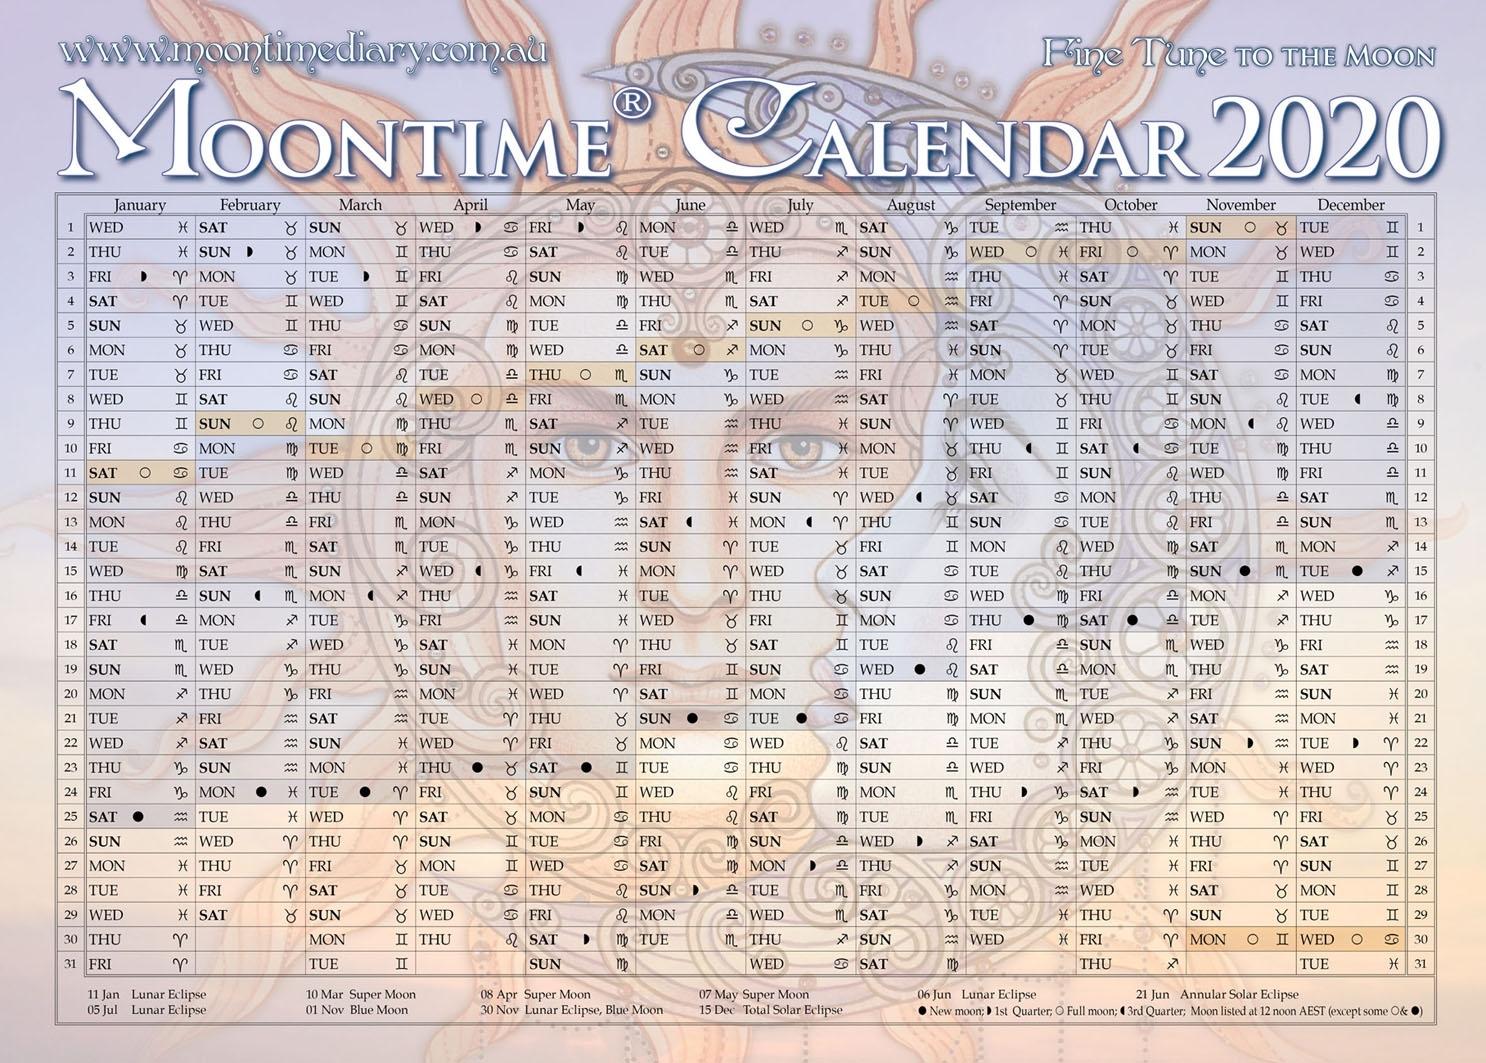 Moontime Calendar 2020